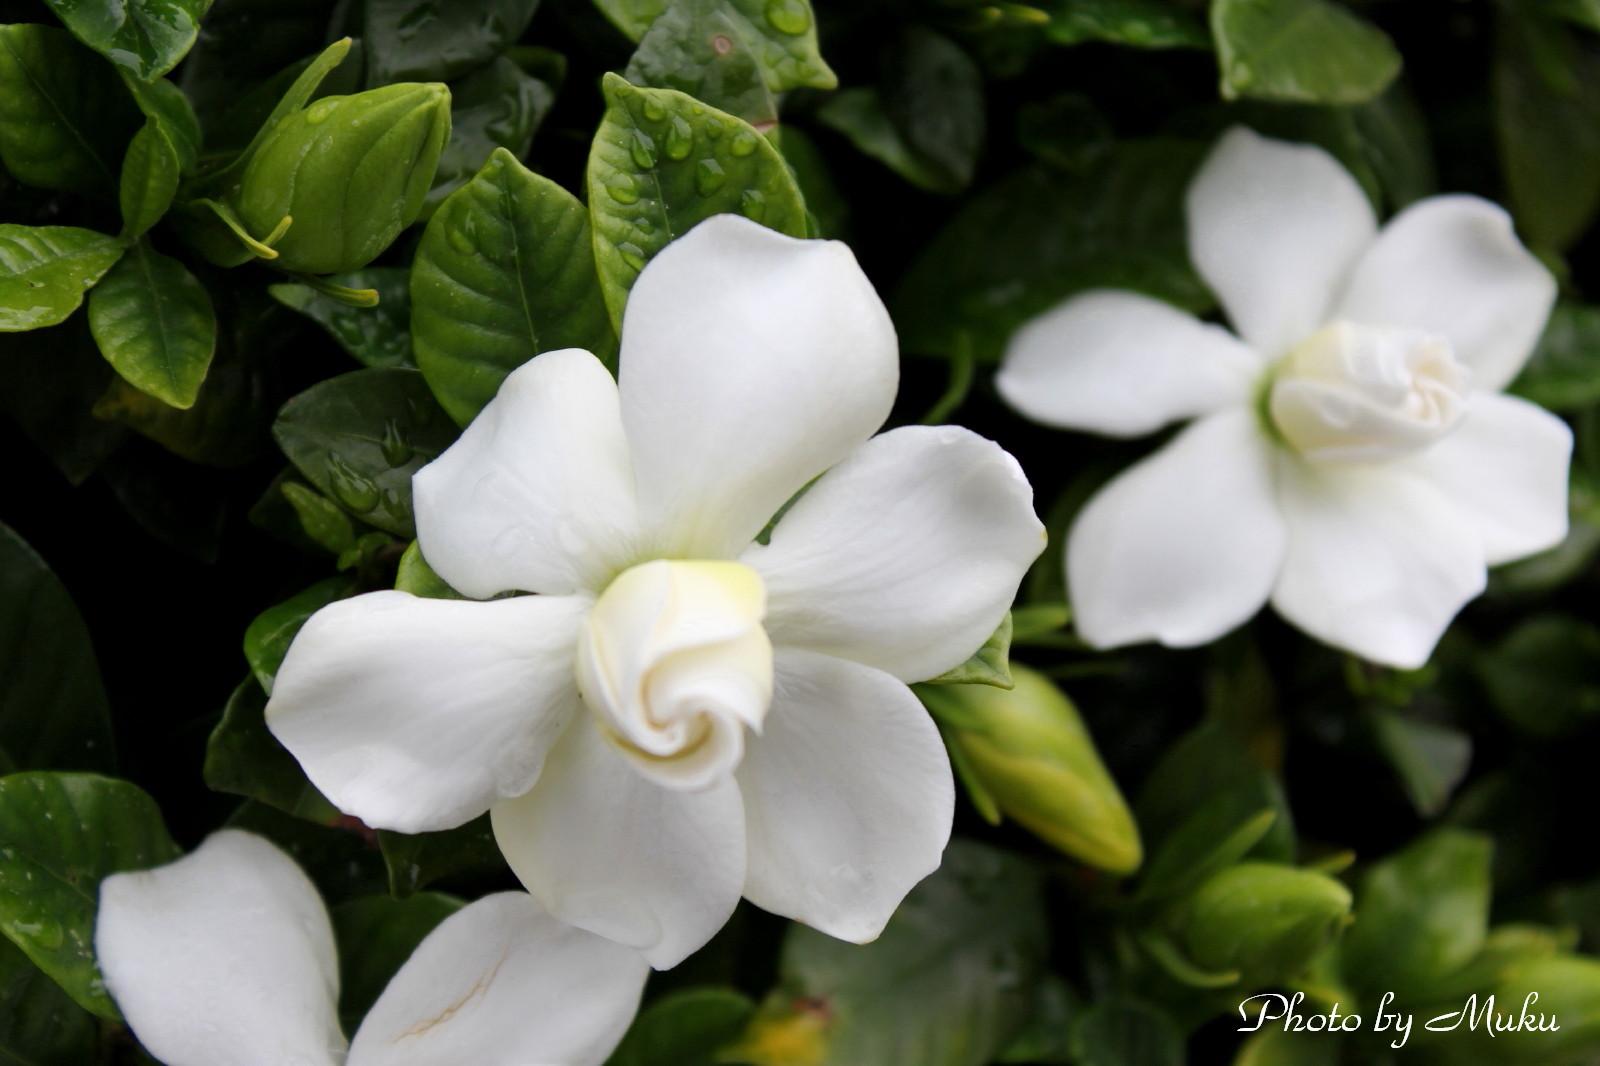 2014/06/12 くちなしの花 (散歩道:神奈川県横須賀市)